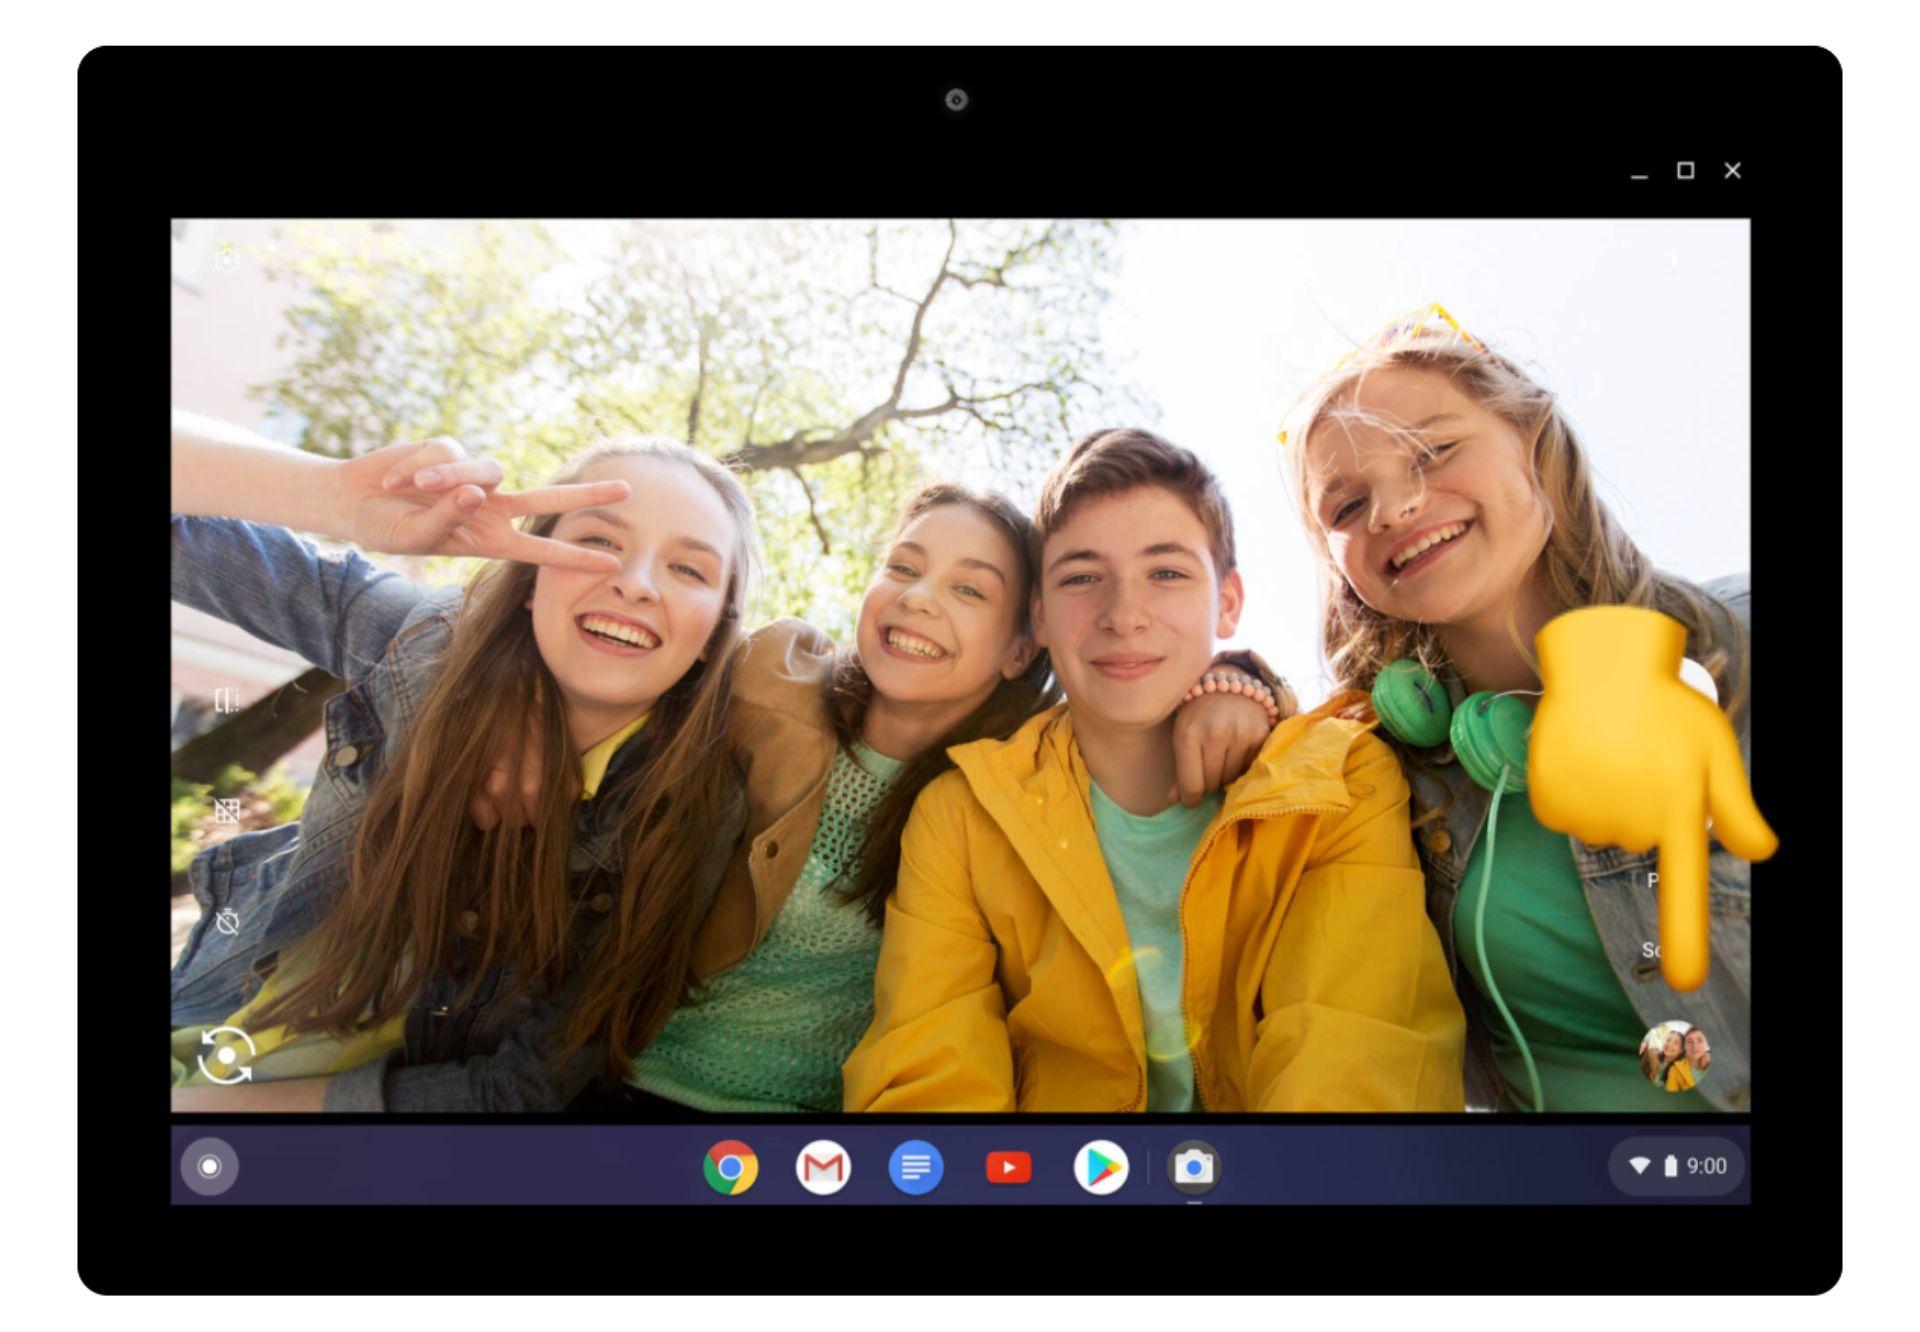 captura de pantalla de dónde se encuentra una miniatura en un Chromebook